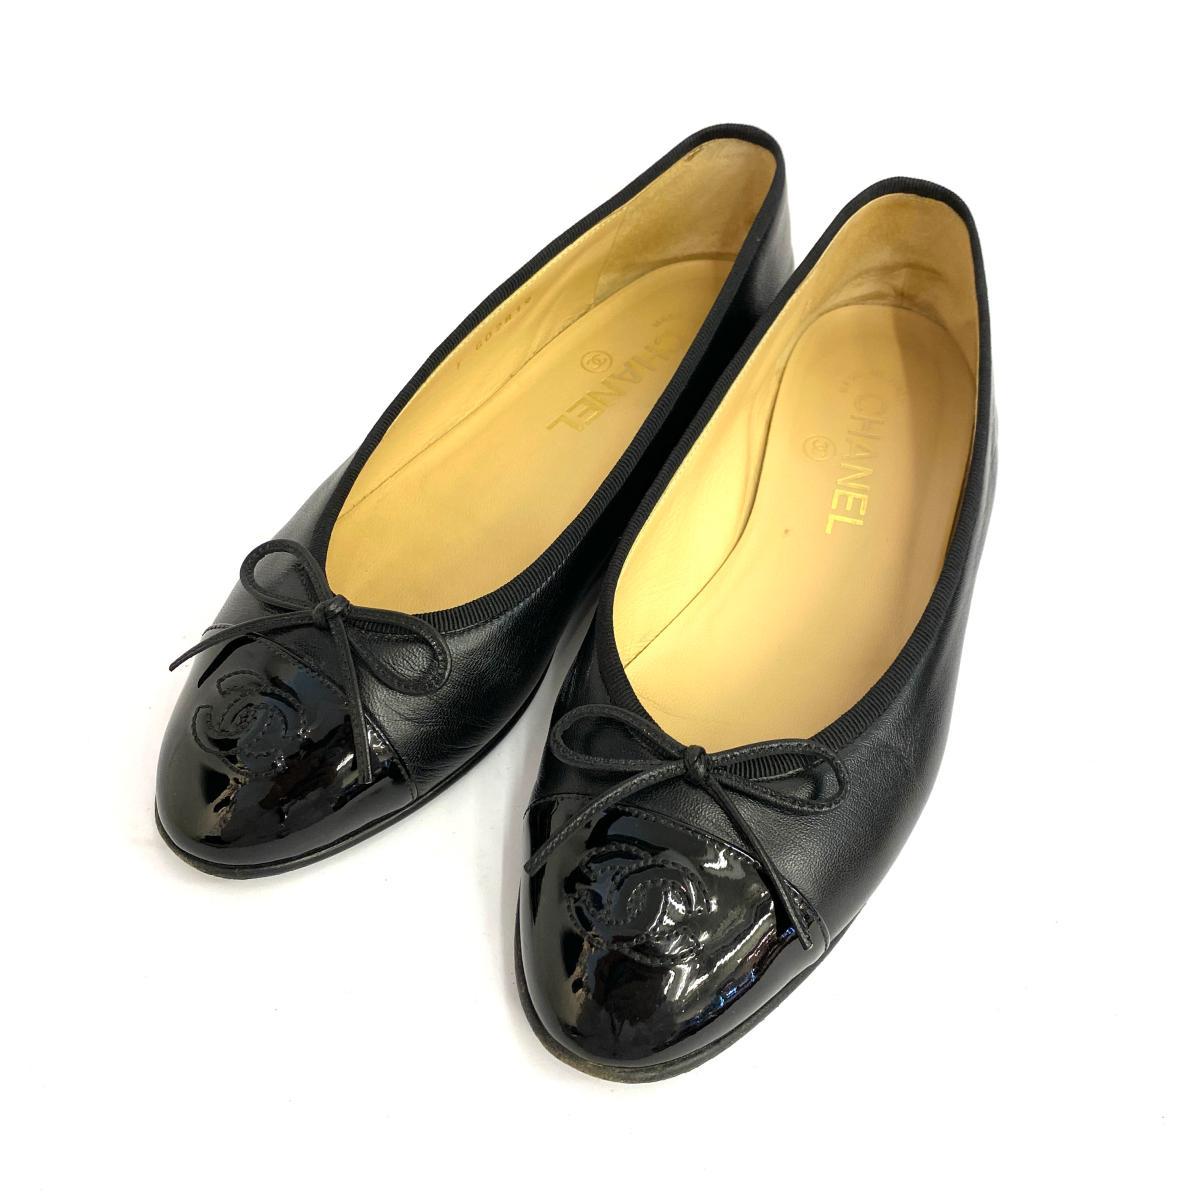 ◆CHANEL シャネル ココマーク フラットパンプス サイズ38C(24.0cm相当)◆black /黒/ブラック/レディース/シューズ/靴/KI1004【中古】